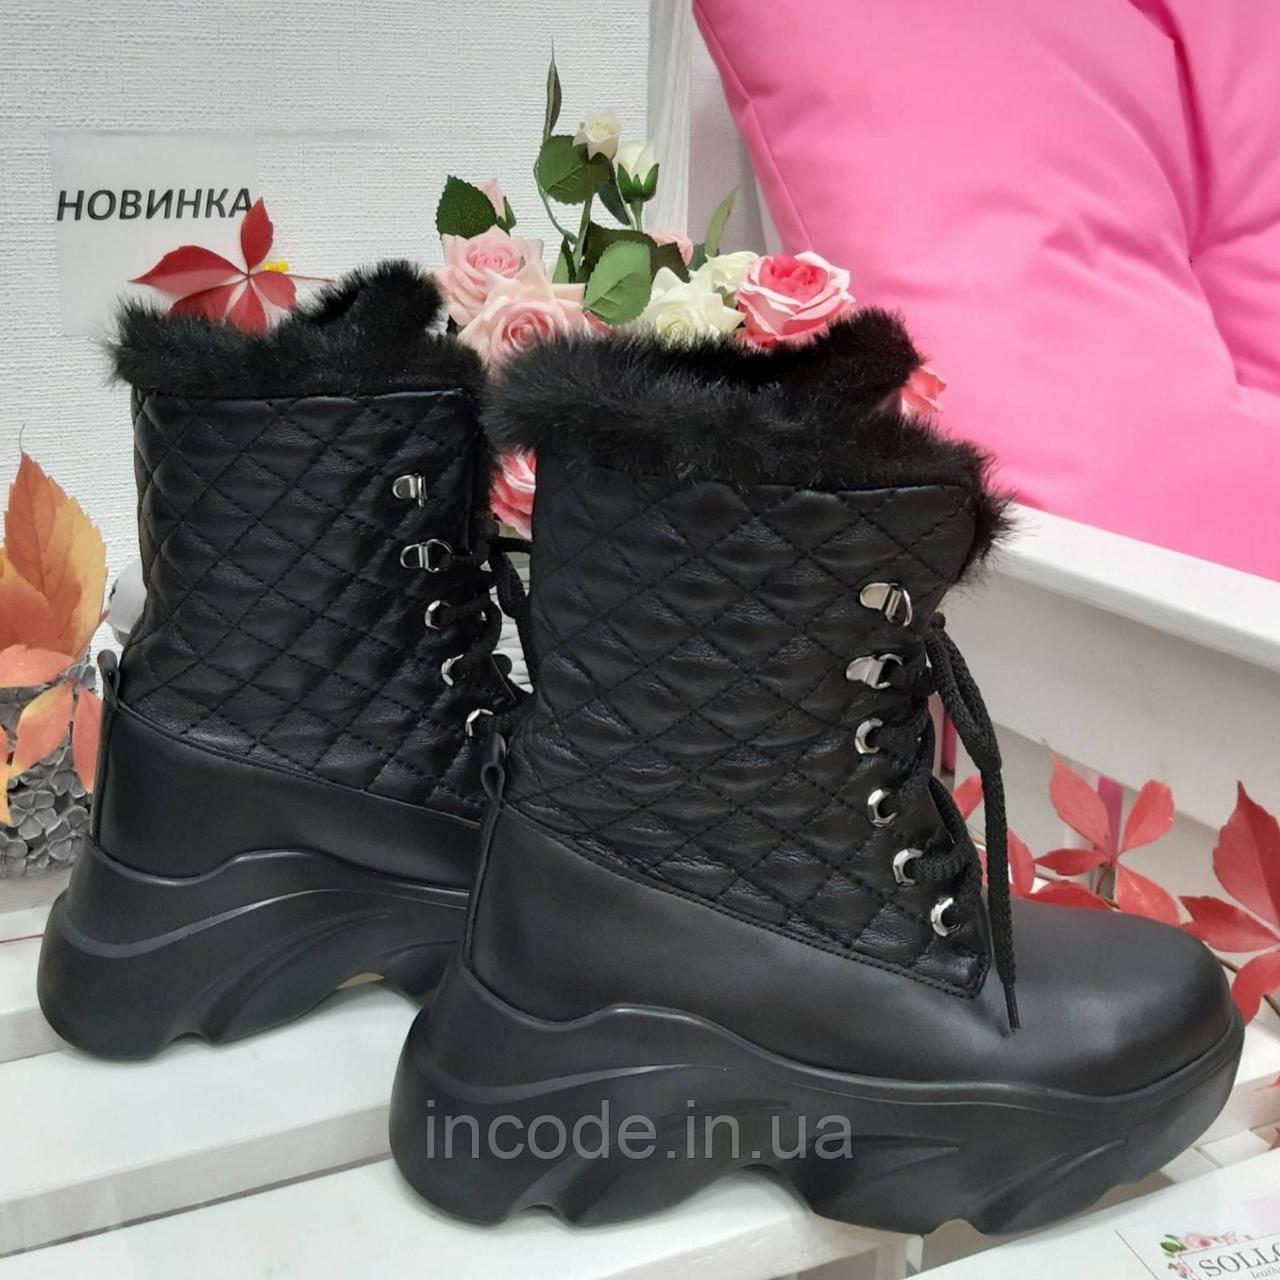 Ботинки зимние черные Сosmos 7204-28